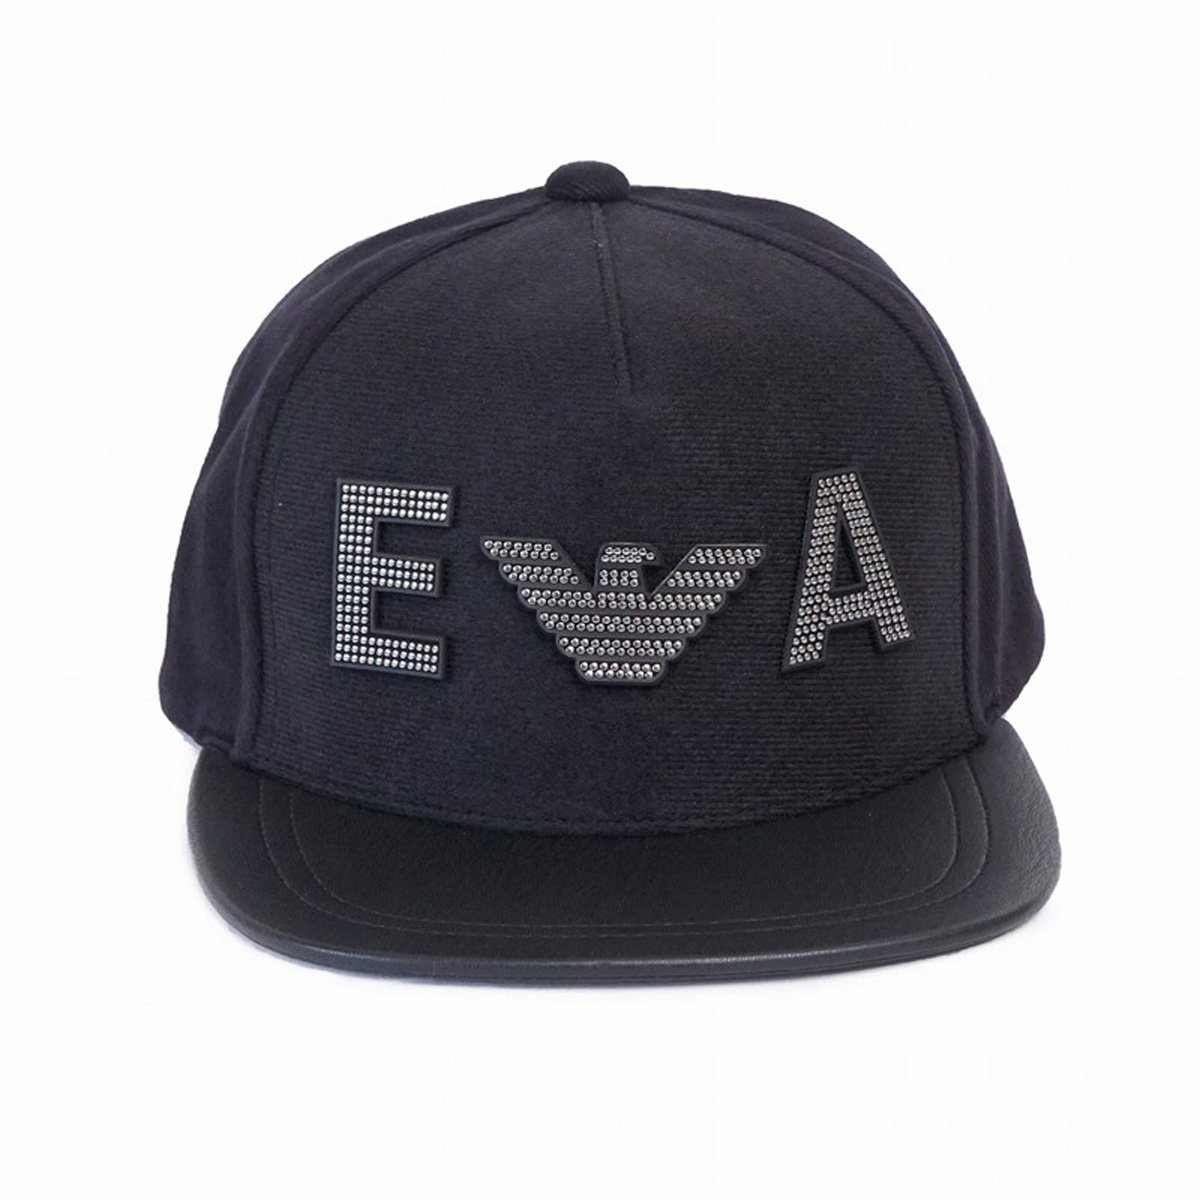 エンポリオアルマーニ メンズ 帽子 NEW ERA PATCHES BASEBALL HAT ロゴ パッチ ベースボール キャップ ブラック 627533 9A555 00020